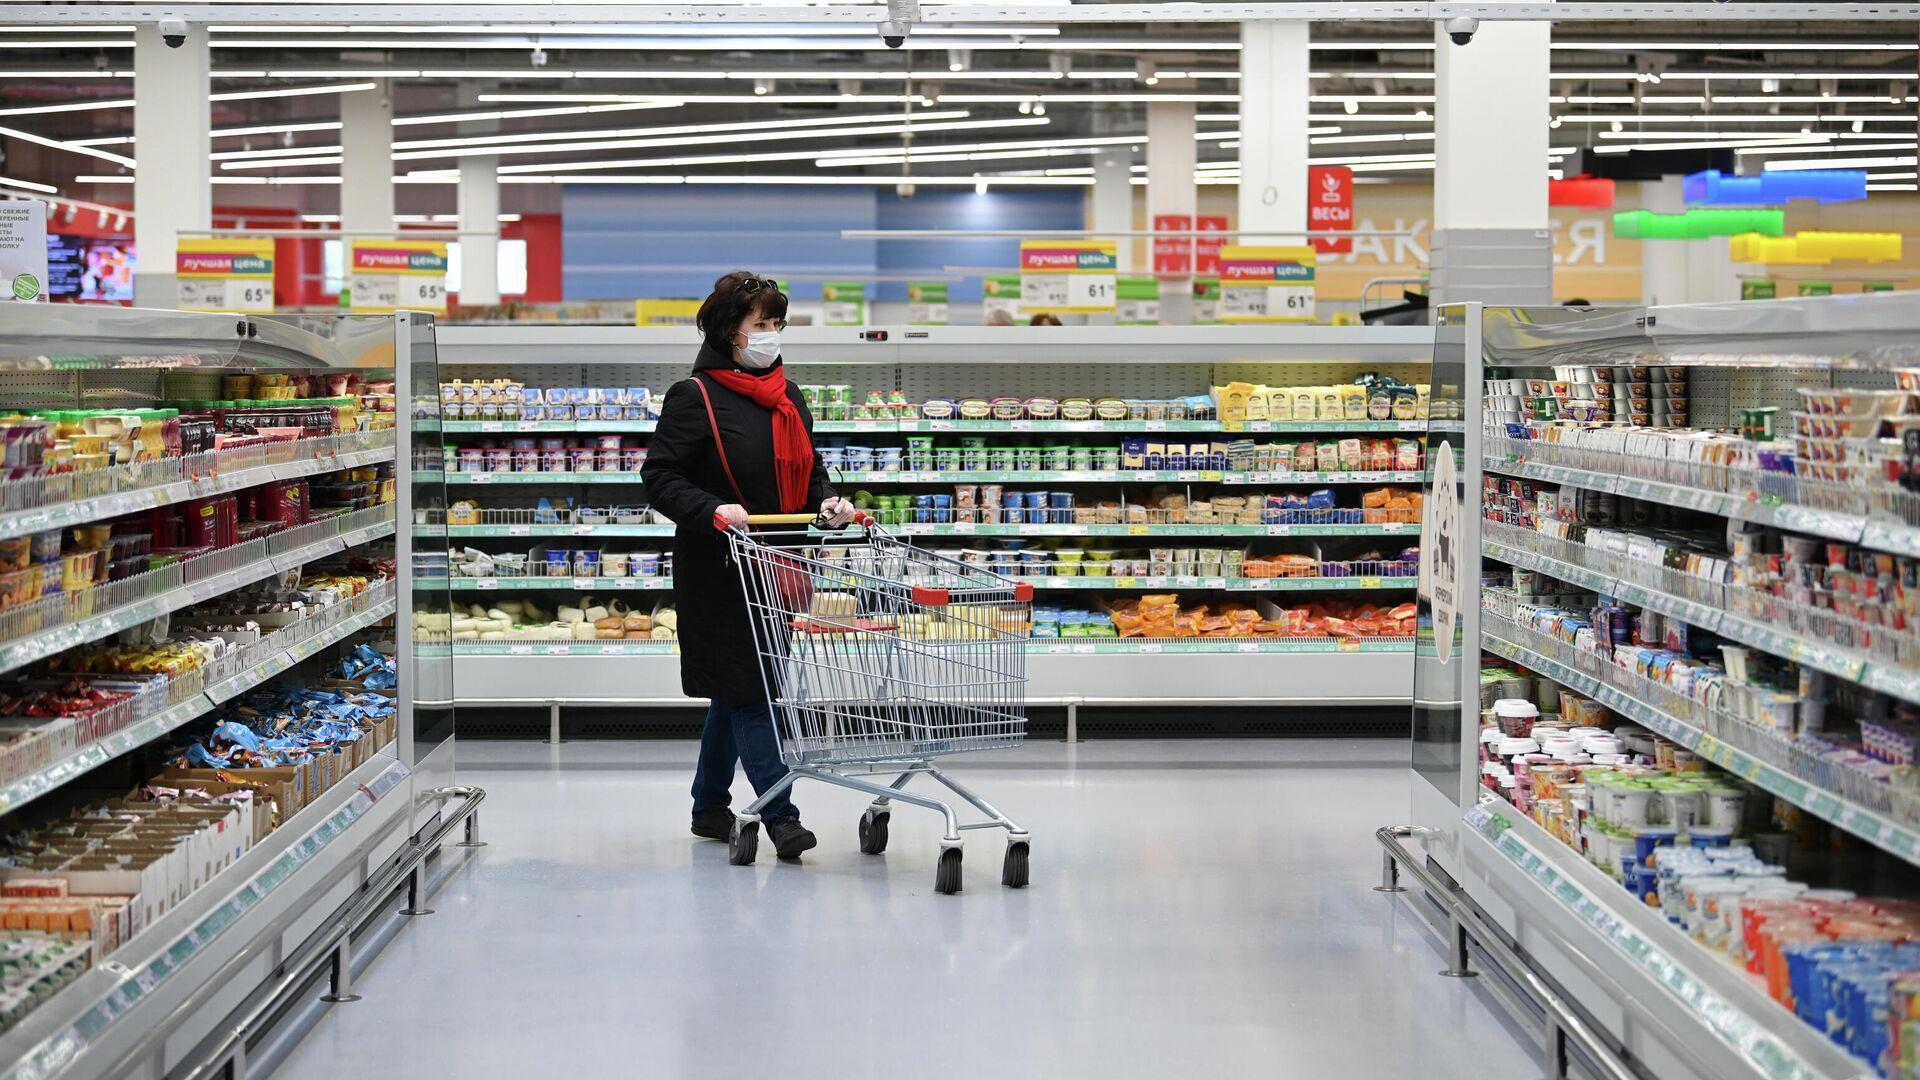 Женщина в защитной маске покупает продукты в гипермаркете - РИА Новости, 1920, 13.10.2020